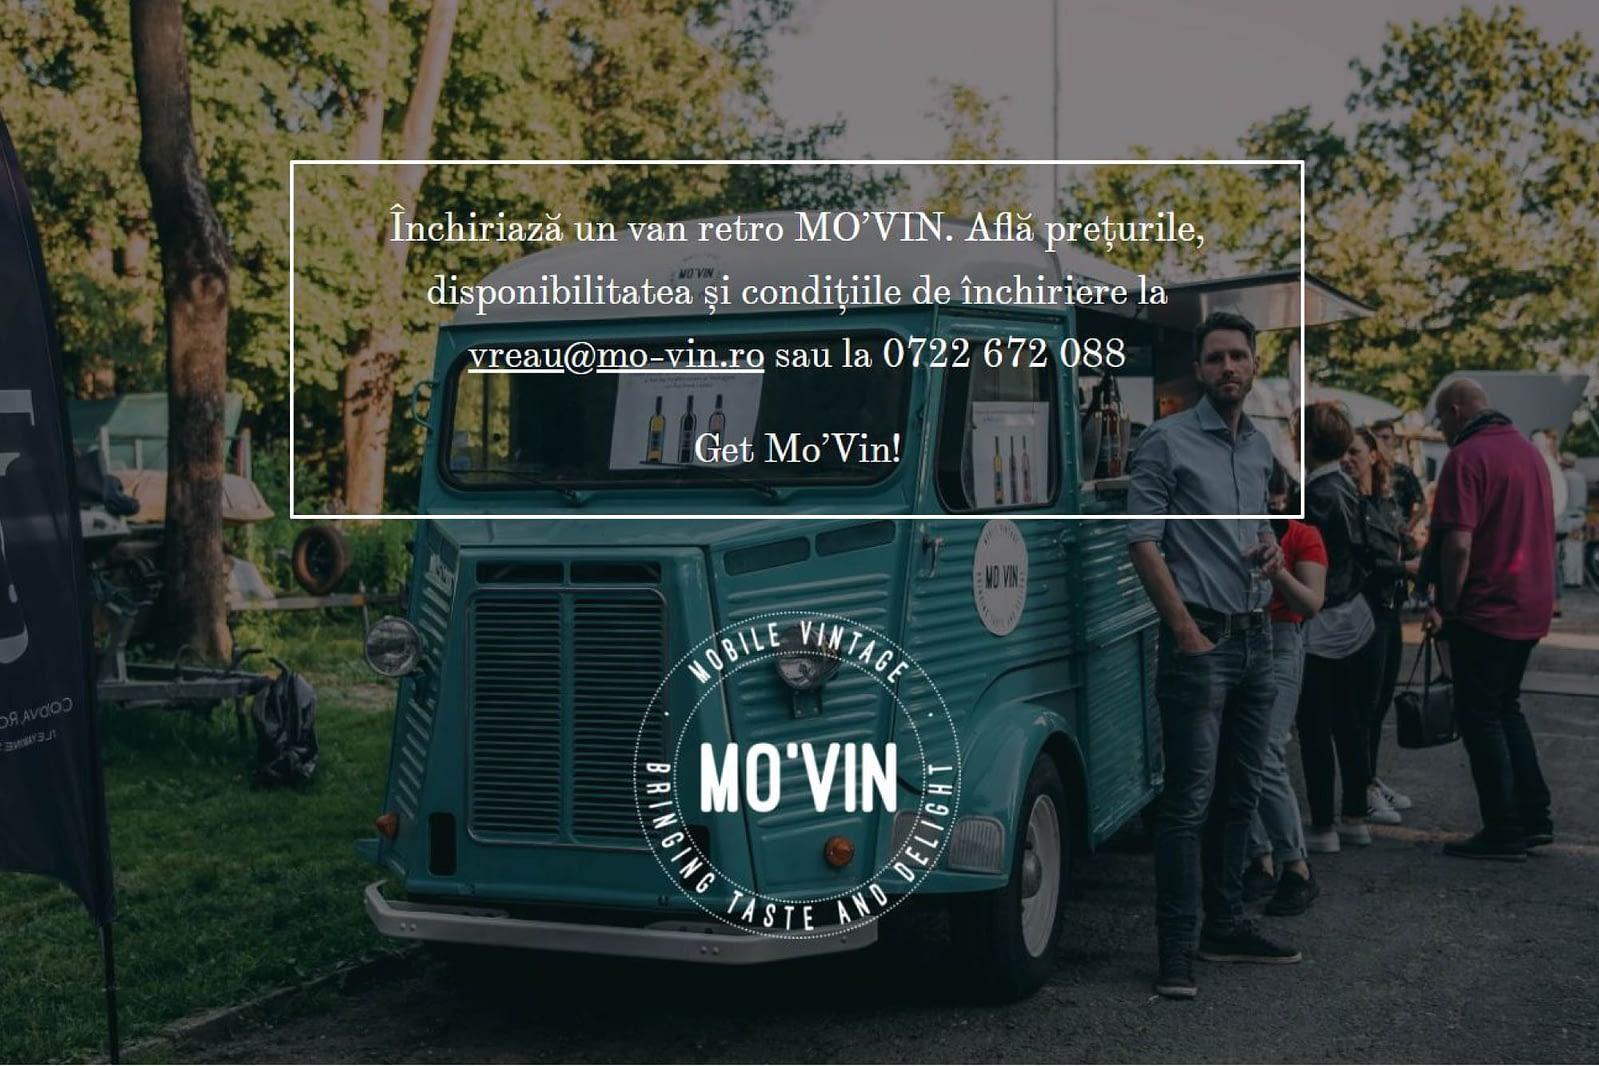 Mobile Vintage, creare website, creare site web, web design, design, Toud